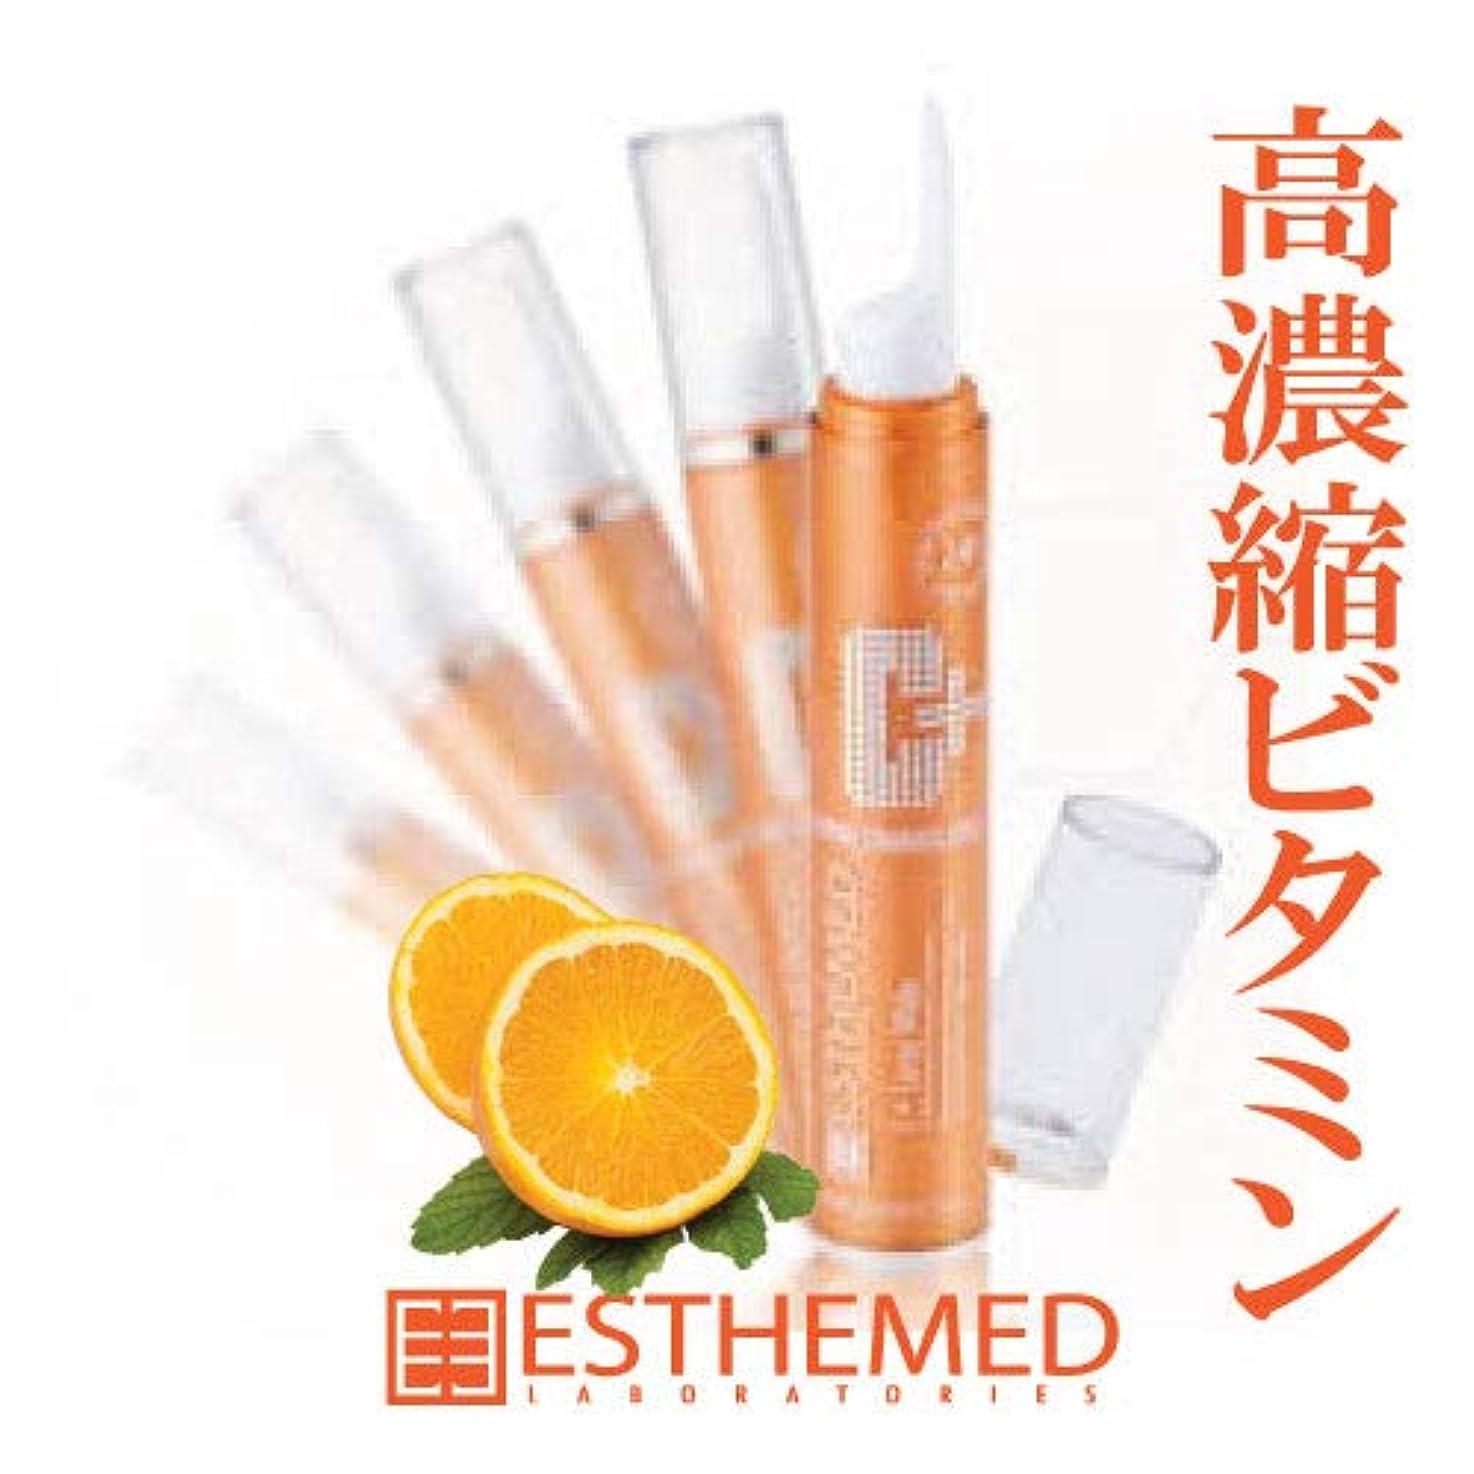 借りる姿勢撤回する[ESTHEMED][エステメド]純粋なビタミンCの驚くホワイトニングC+レーザーホワイト15ml/ビタミン、Whitening、レーザ